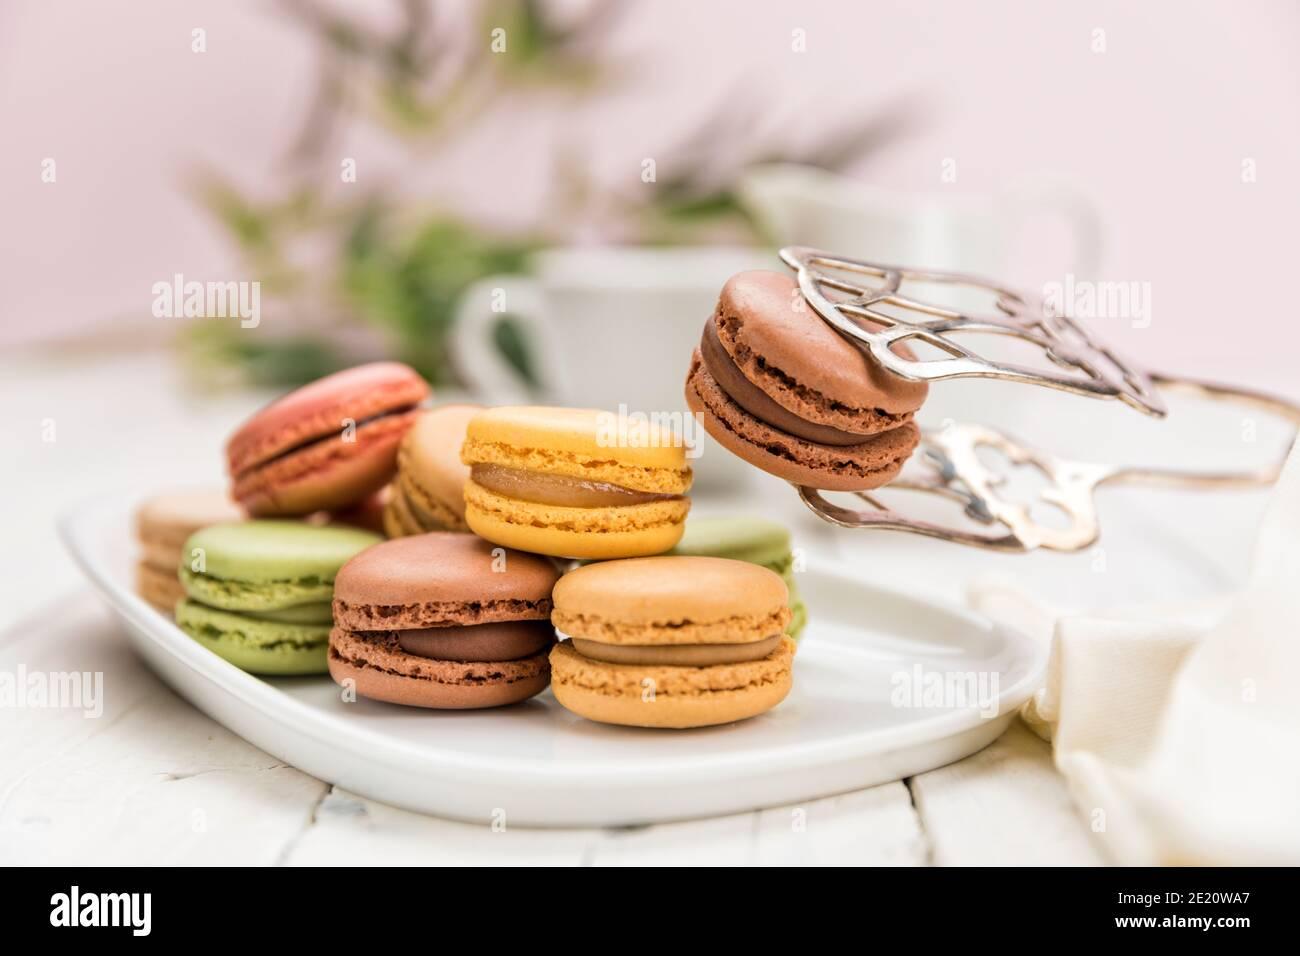 Assortiment de pâtisseries françaises de macarons sur table de café, se concentrer sur un chocolat aromatisé à l'aide de pinces à pâtisserie, Banque D'Images